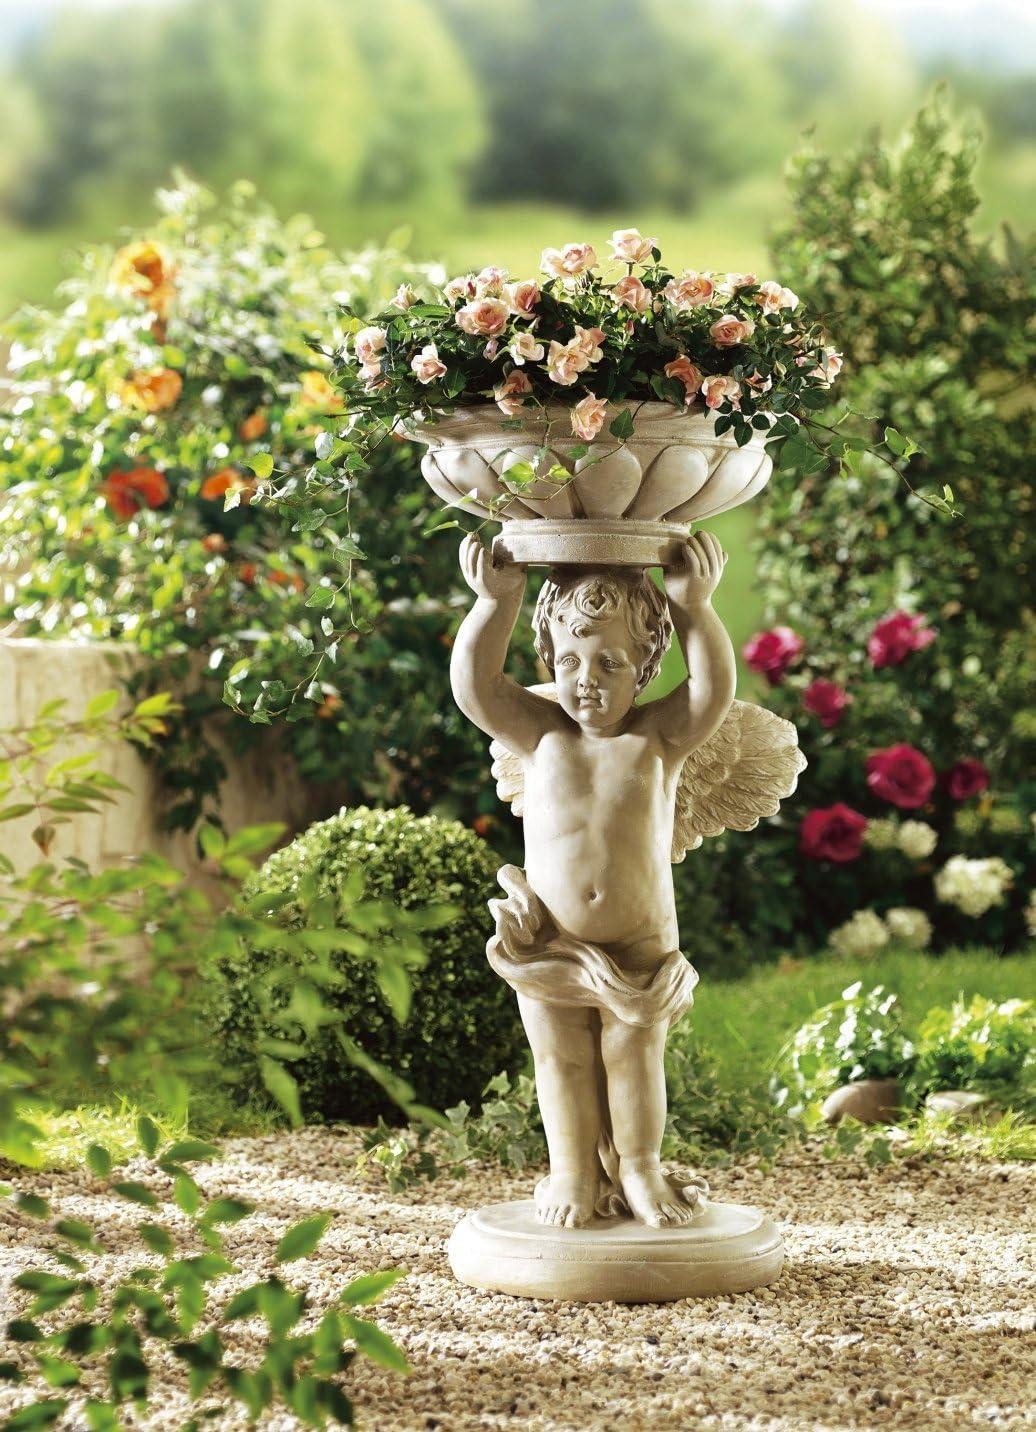 ABC Home Garden Engel Pflanzschale antik-wei/ß 34 x 34 x 76.5 cm